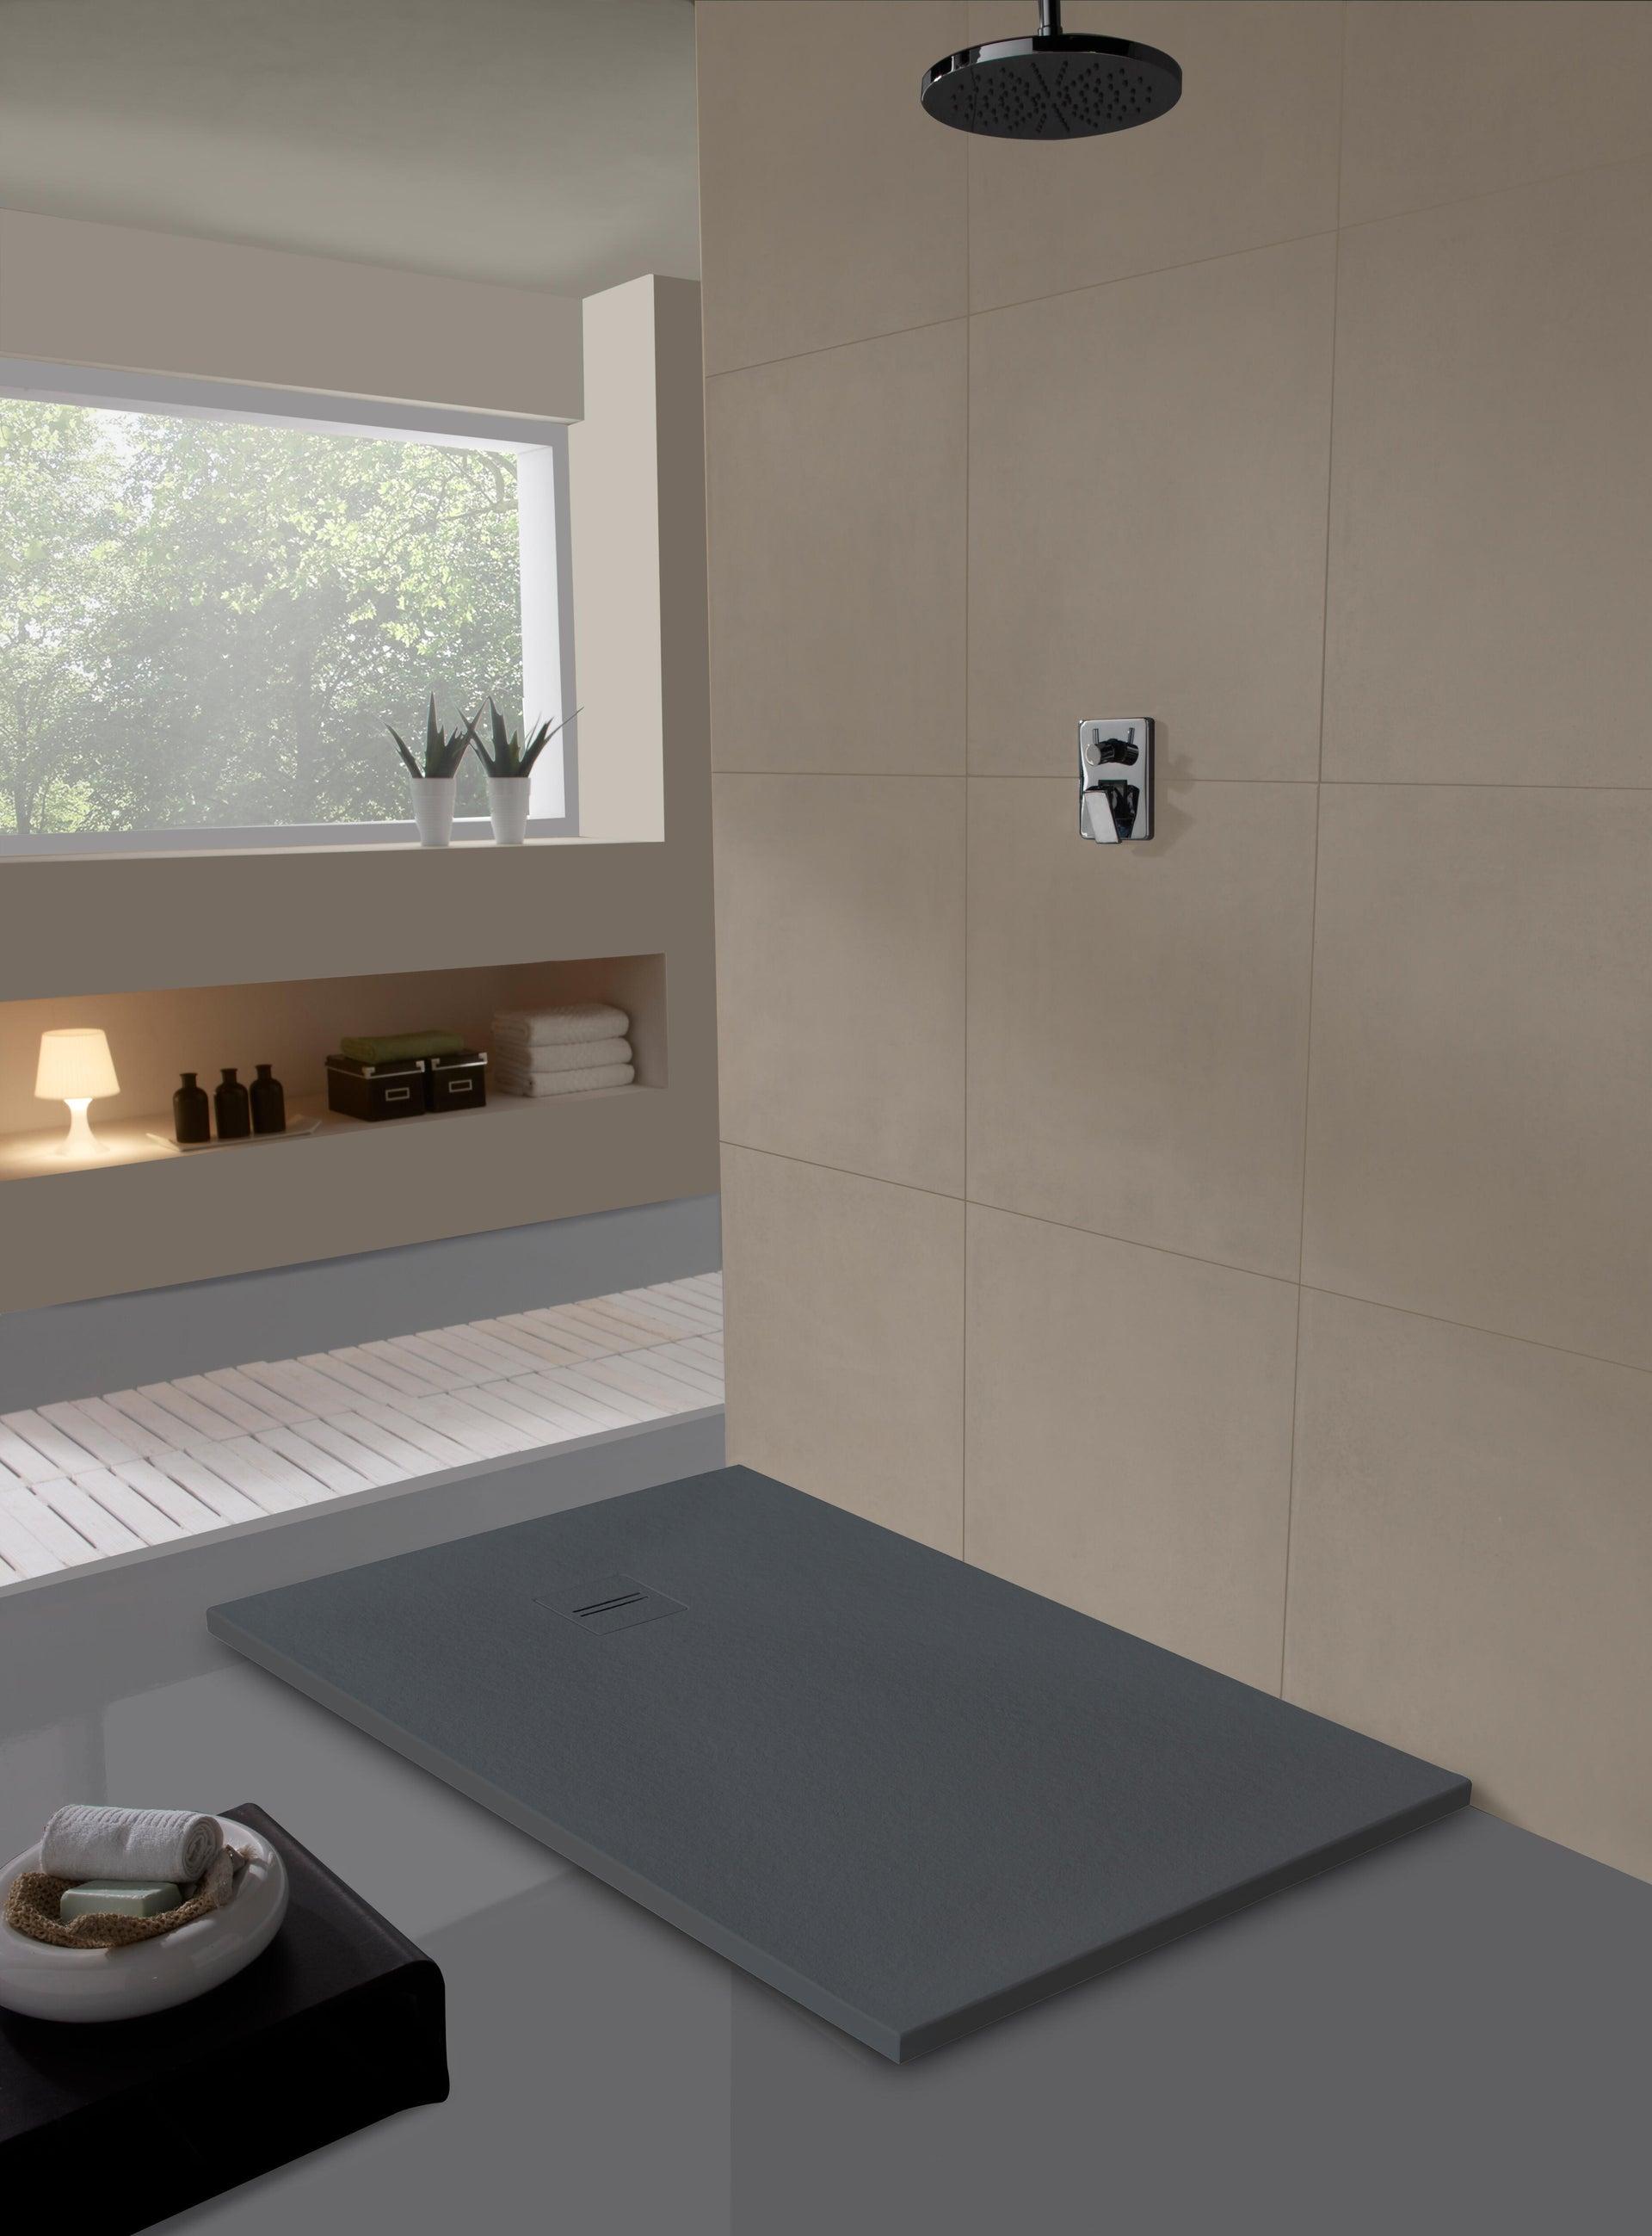 Piatto doccia ultrasottile resina Cosmos Stone 100 x 120 cm grigio - 2